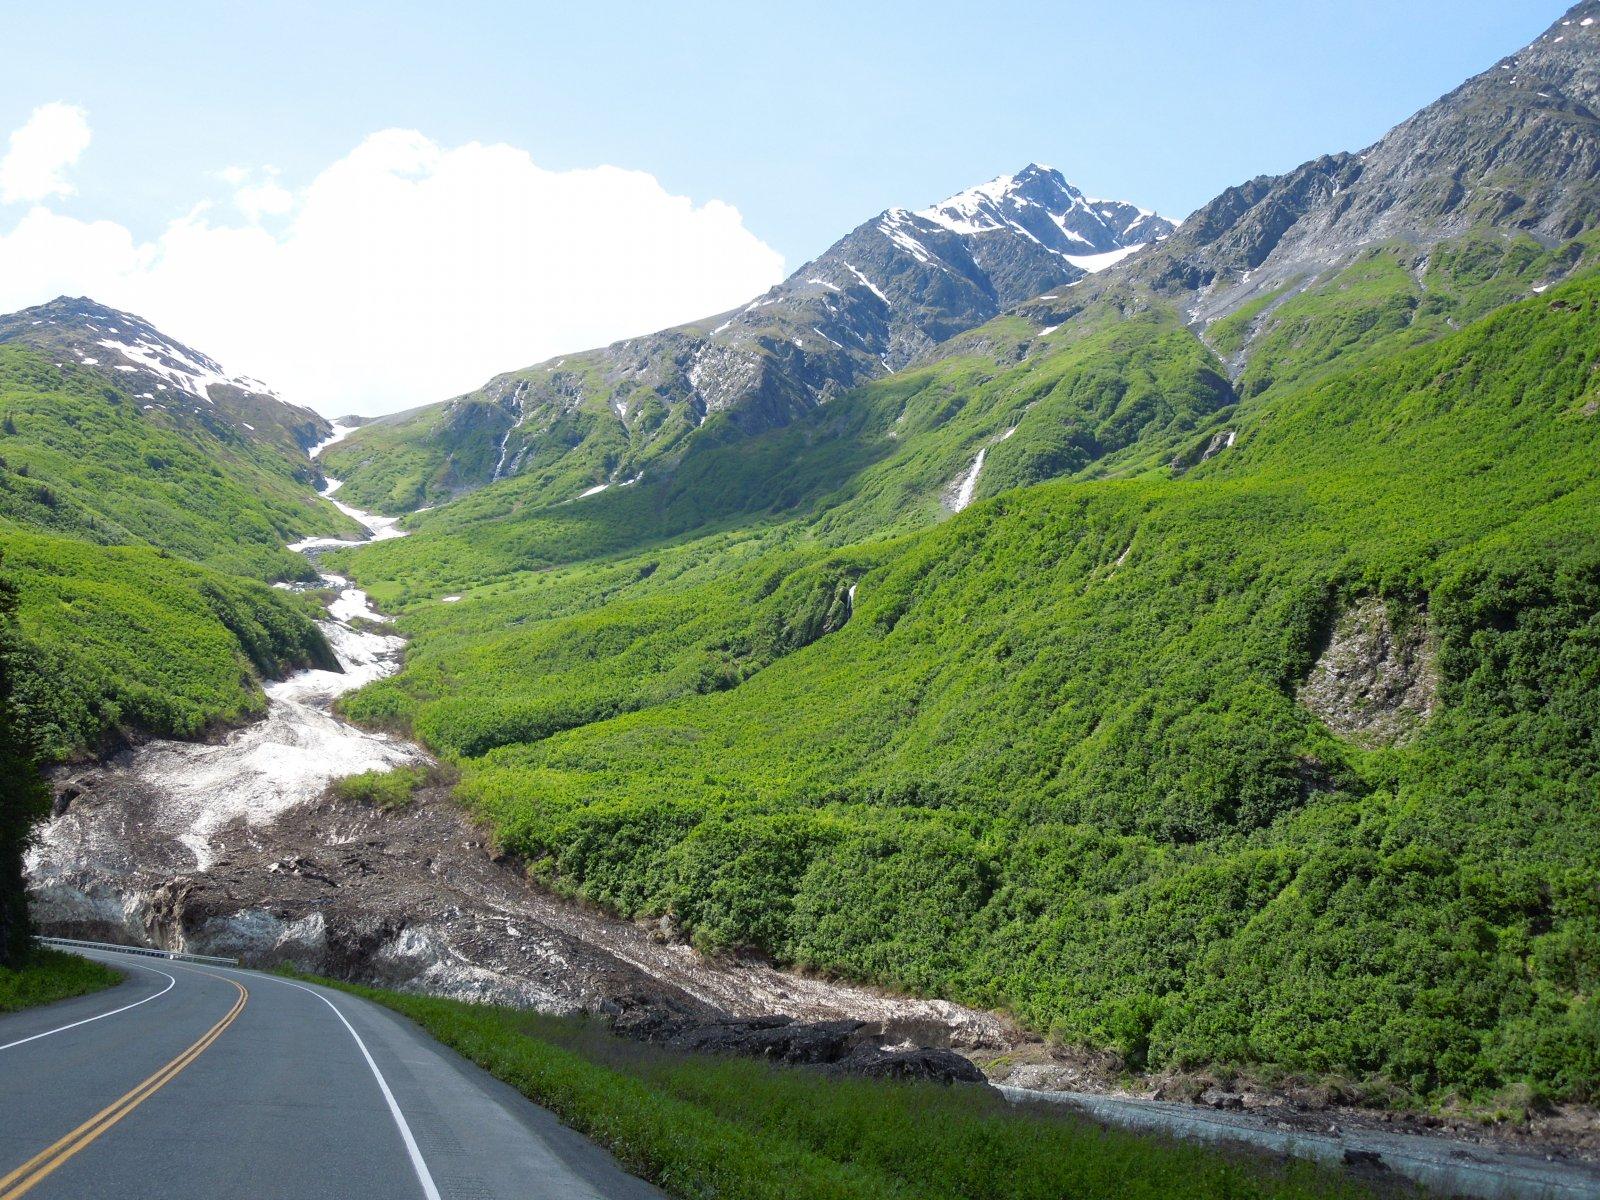 Click image for larger version  Name:Glennallen to Valdez 100.jpg Views:54 Size:541.8 KB ID:215340